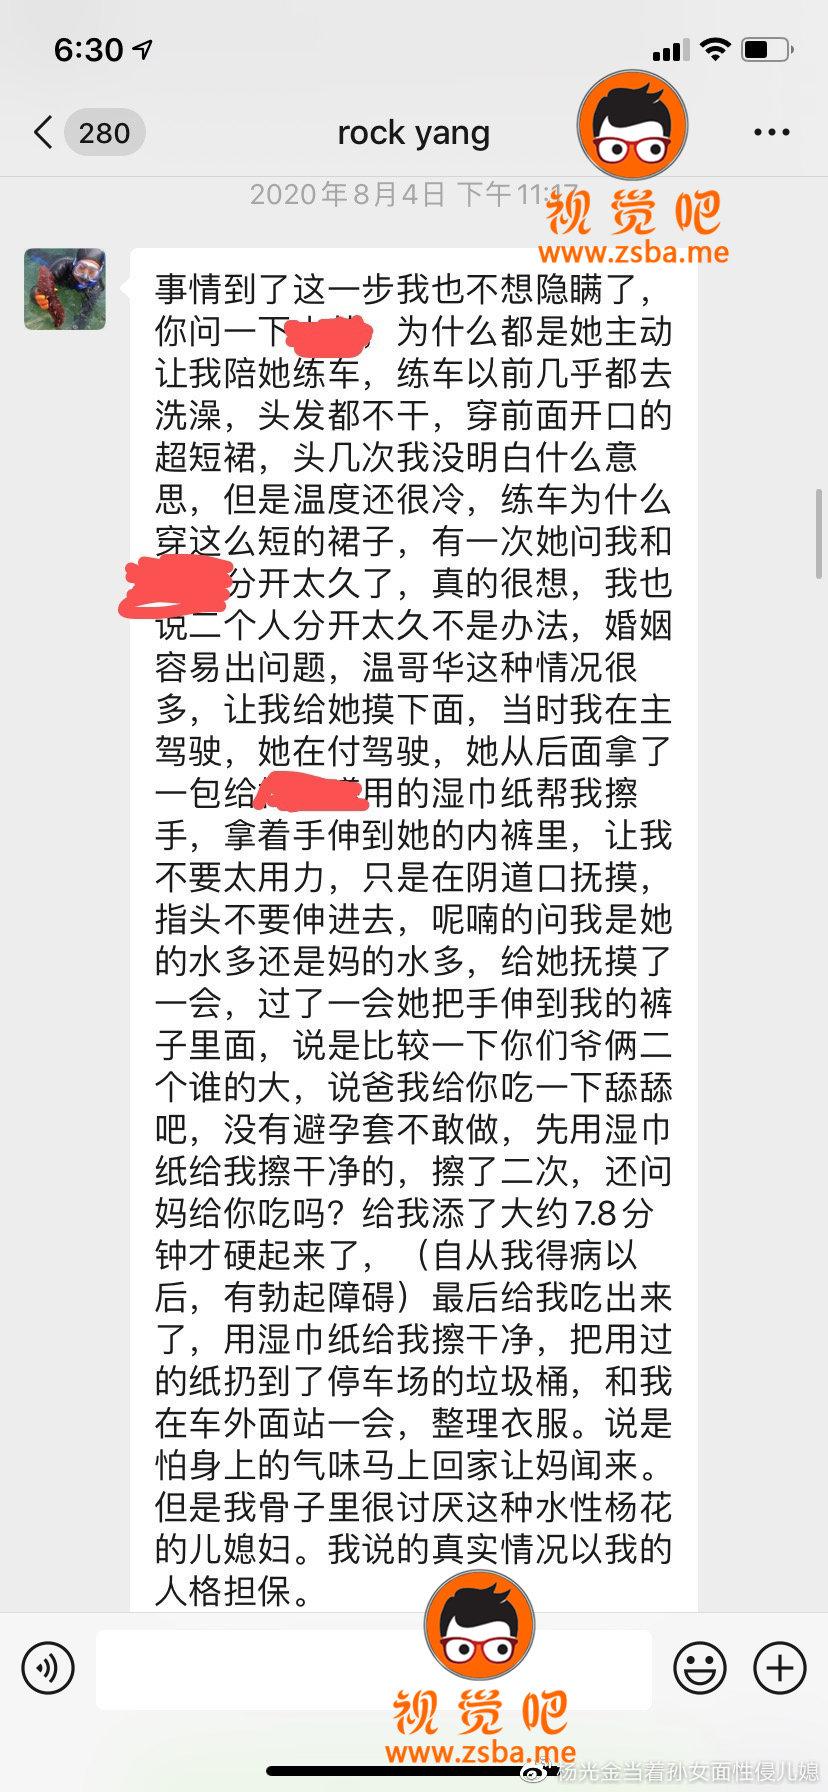 微博吃瓜来了:淄博理光董事长杨光金当着孙女的面性侵儿媳插图(3)